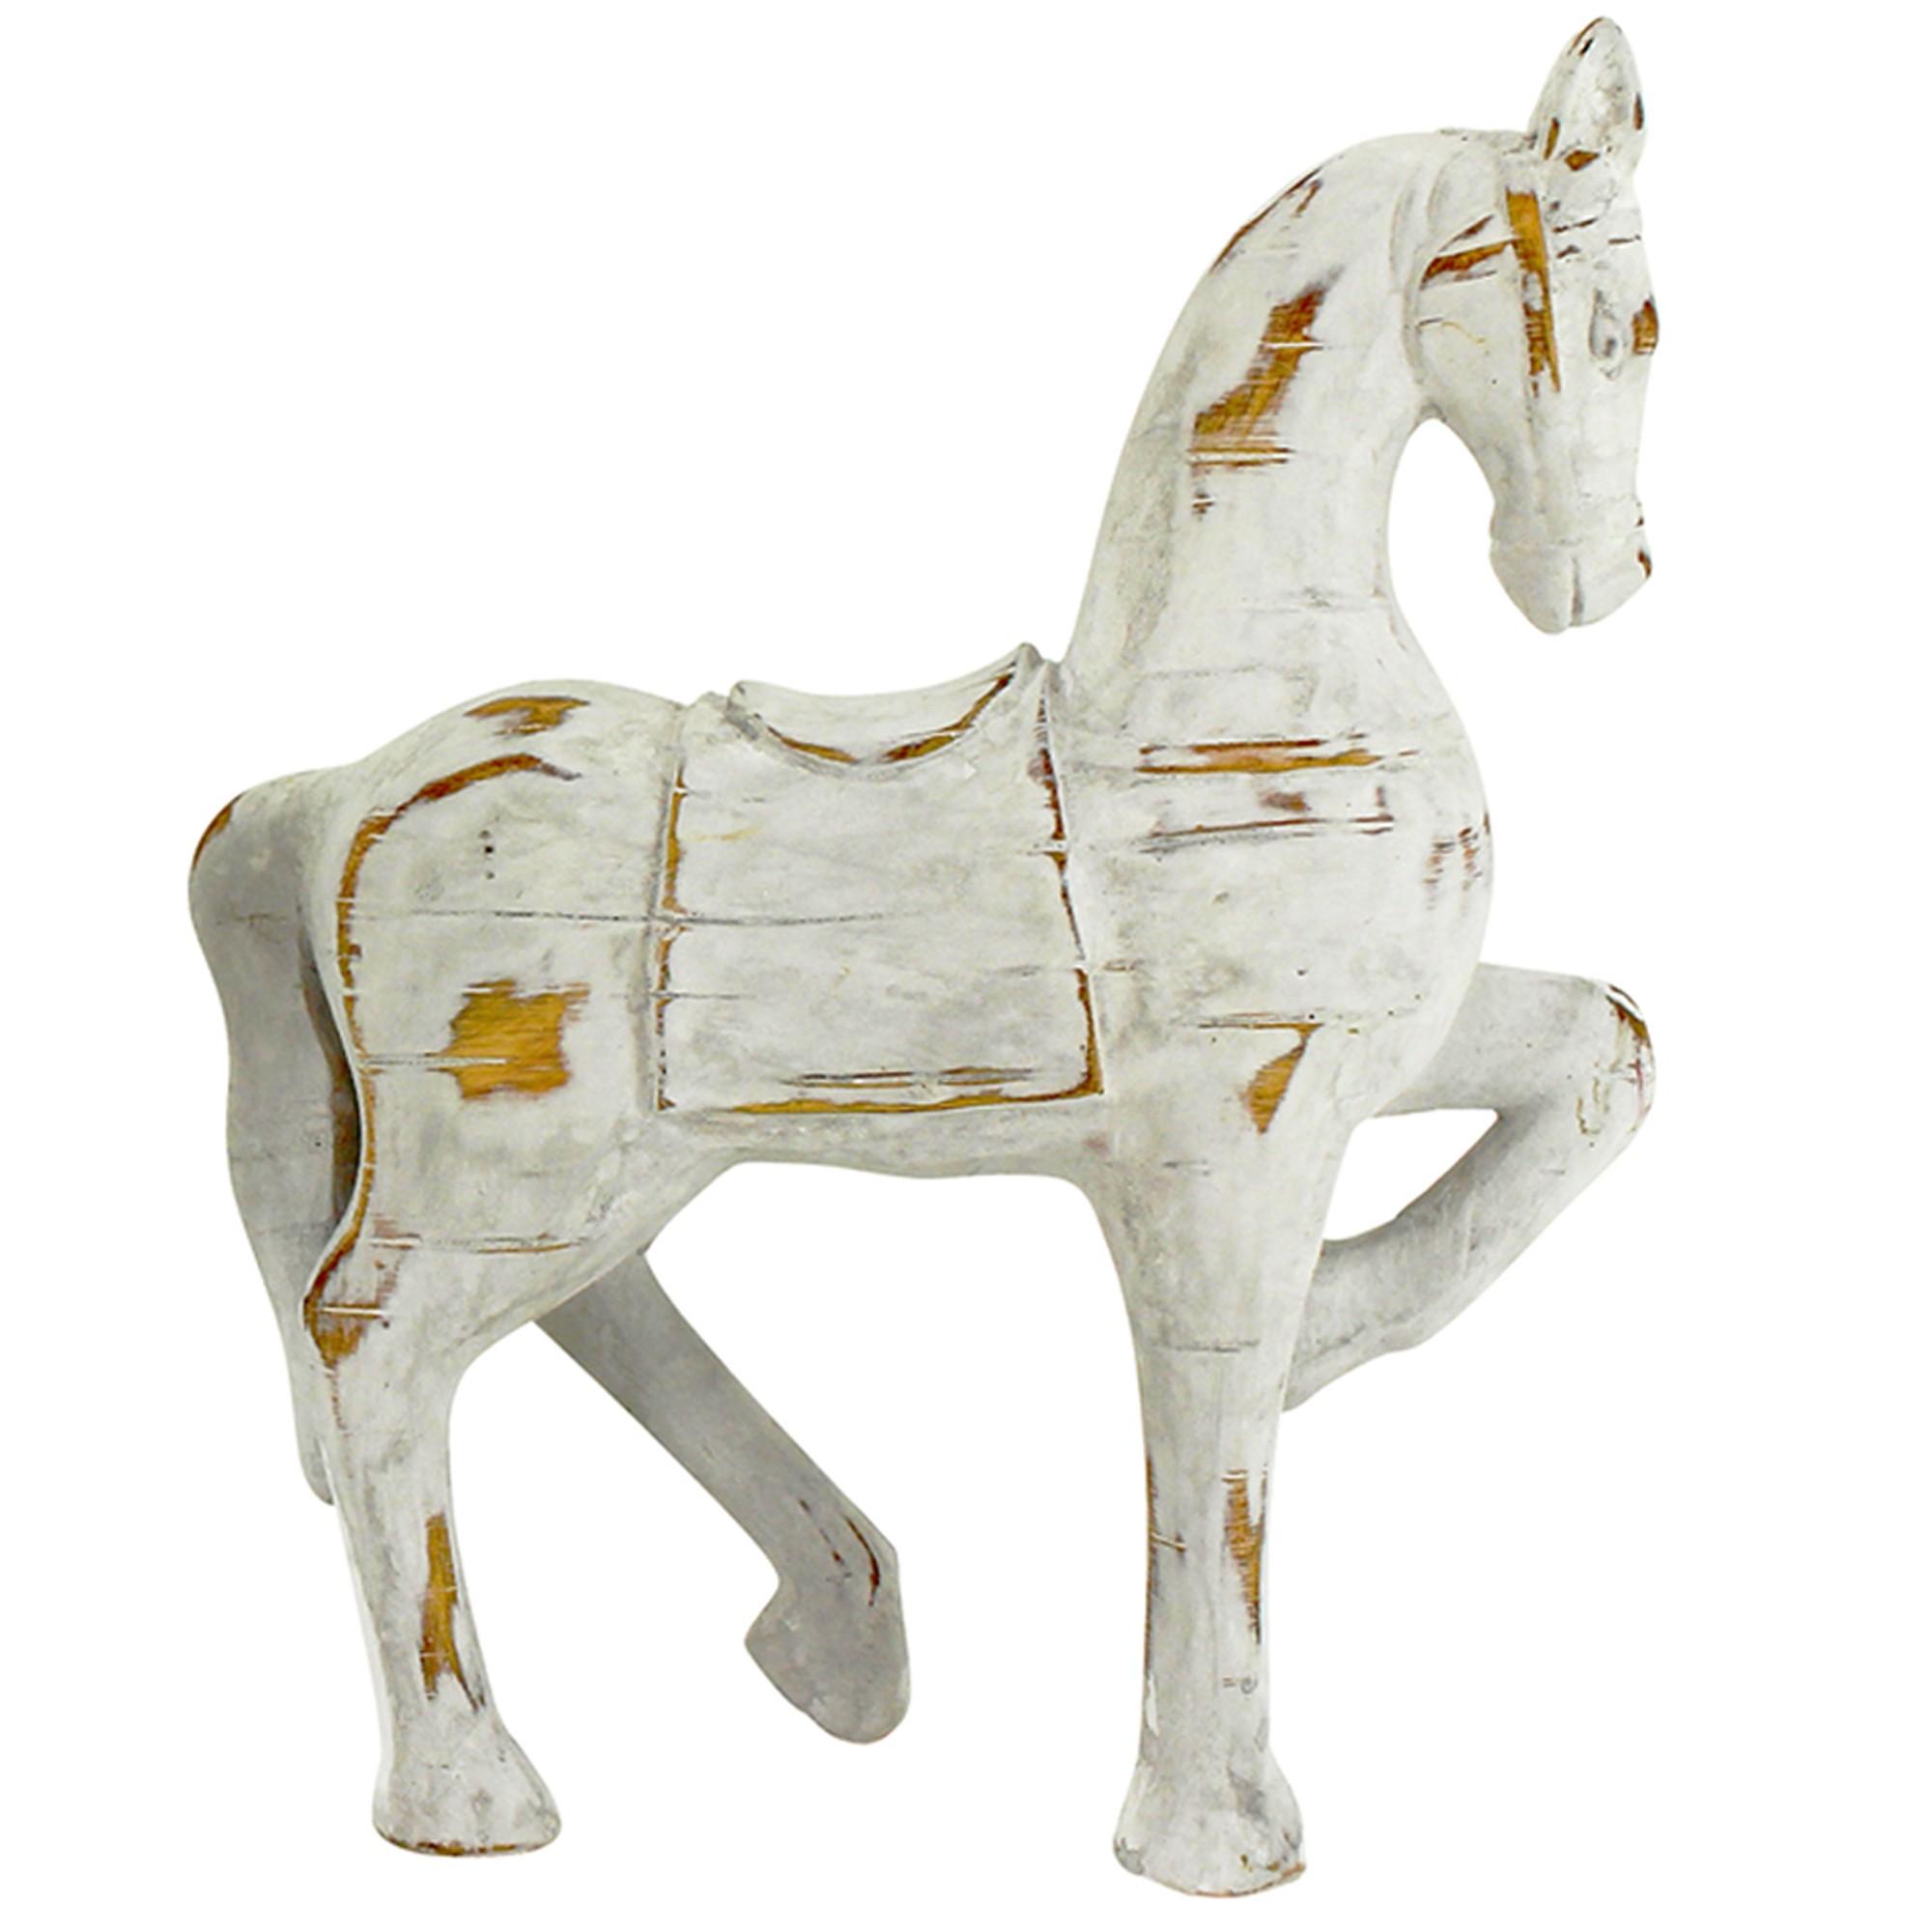 Mustafa Ceramic Horse Sculpture, Small